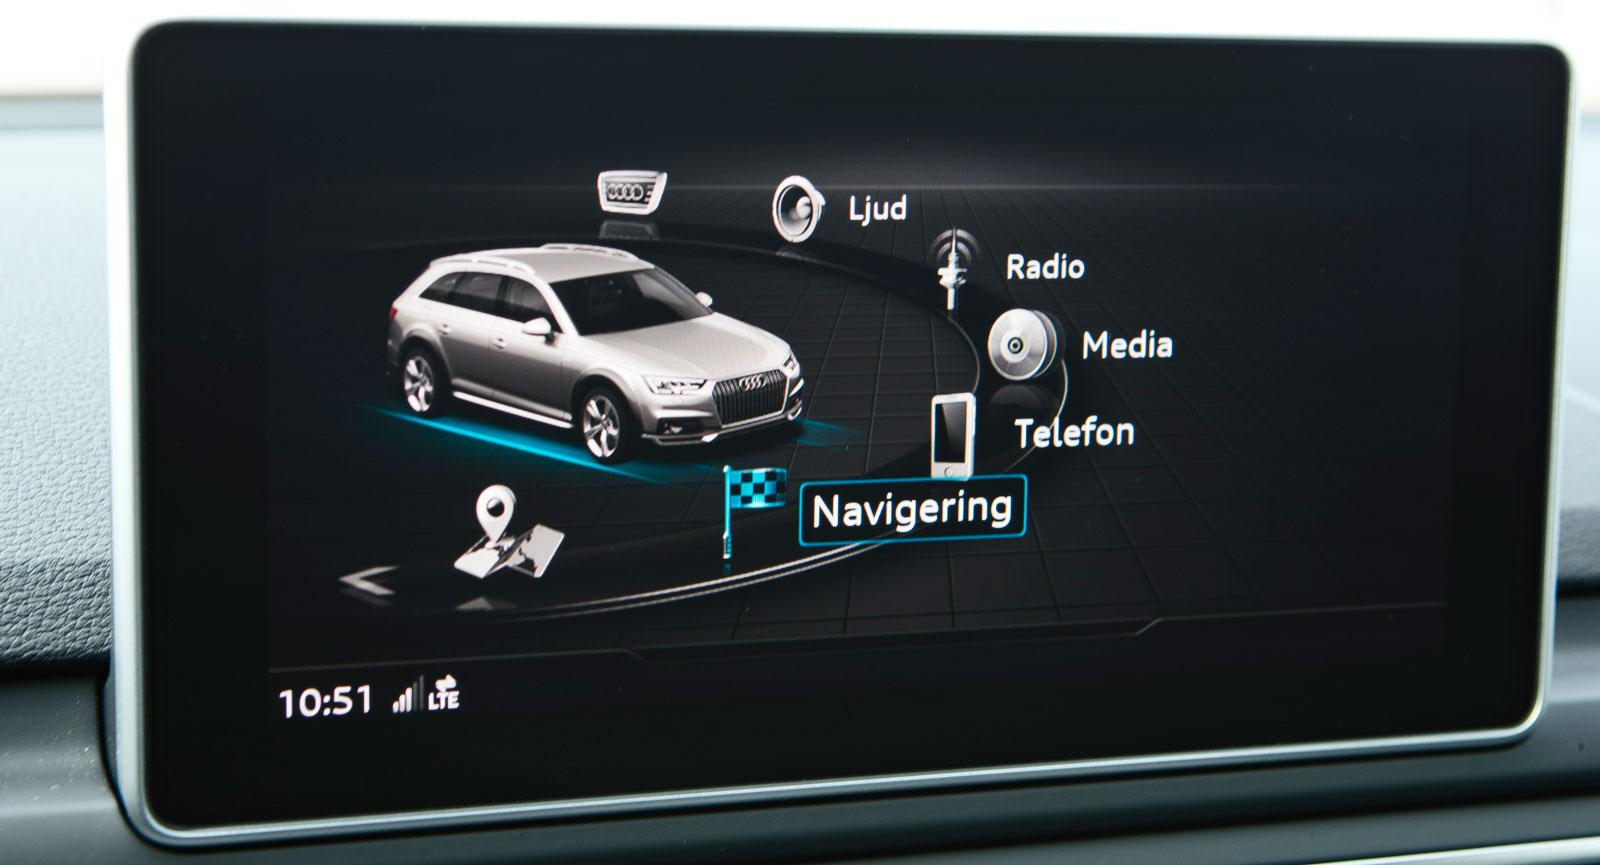 Hos Audi är medieskärmen inte nödvändig för föraren. Nästan all information som kan ses här kan även visas på den 12,3 tum stora skärmen framför ratten.